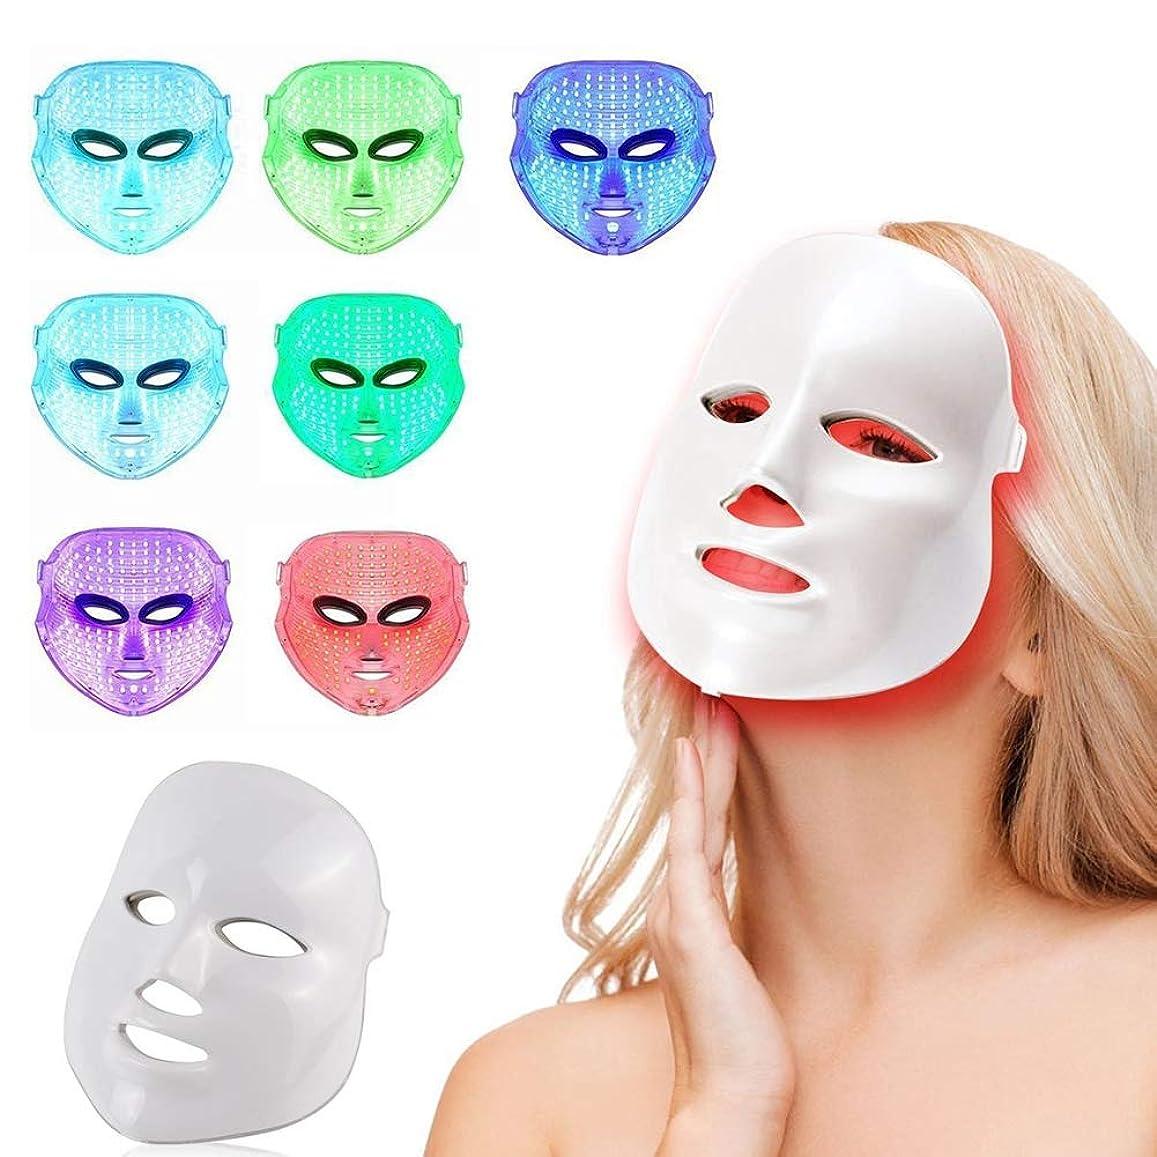 委員会成長する通貨7色LEDフェイスマスク、健康な肌の若返りのための光子光療法、フェイシャルスキンケア、アンチエイジングビューティー